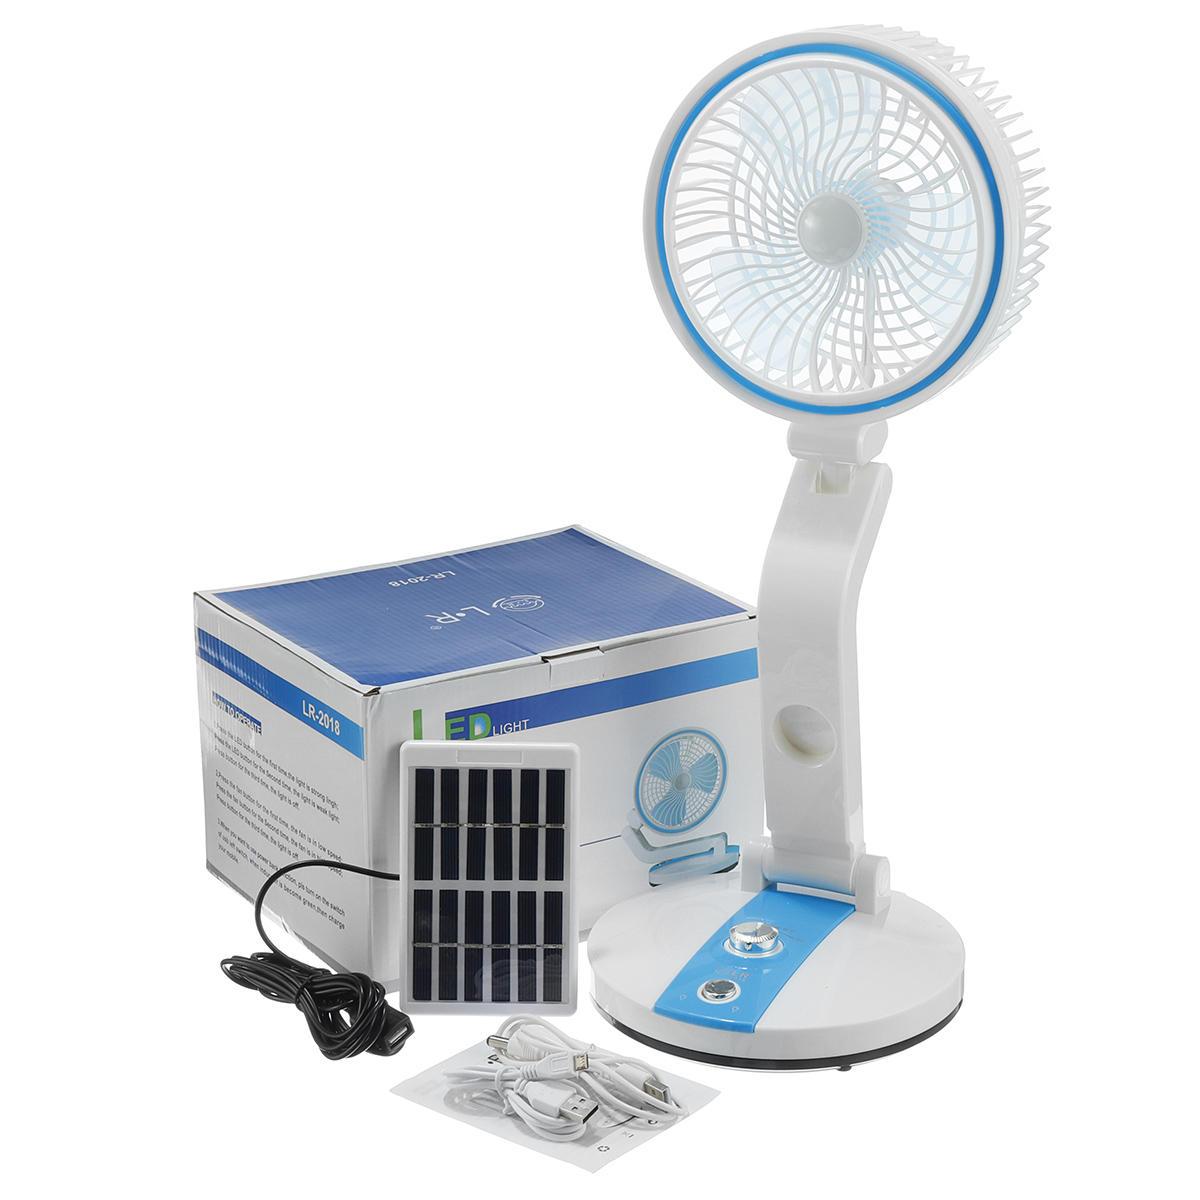 Mini Solar Power Panel Fan 4W Portable Fan Desk Cooling USB Cell Cooler Outdoor